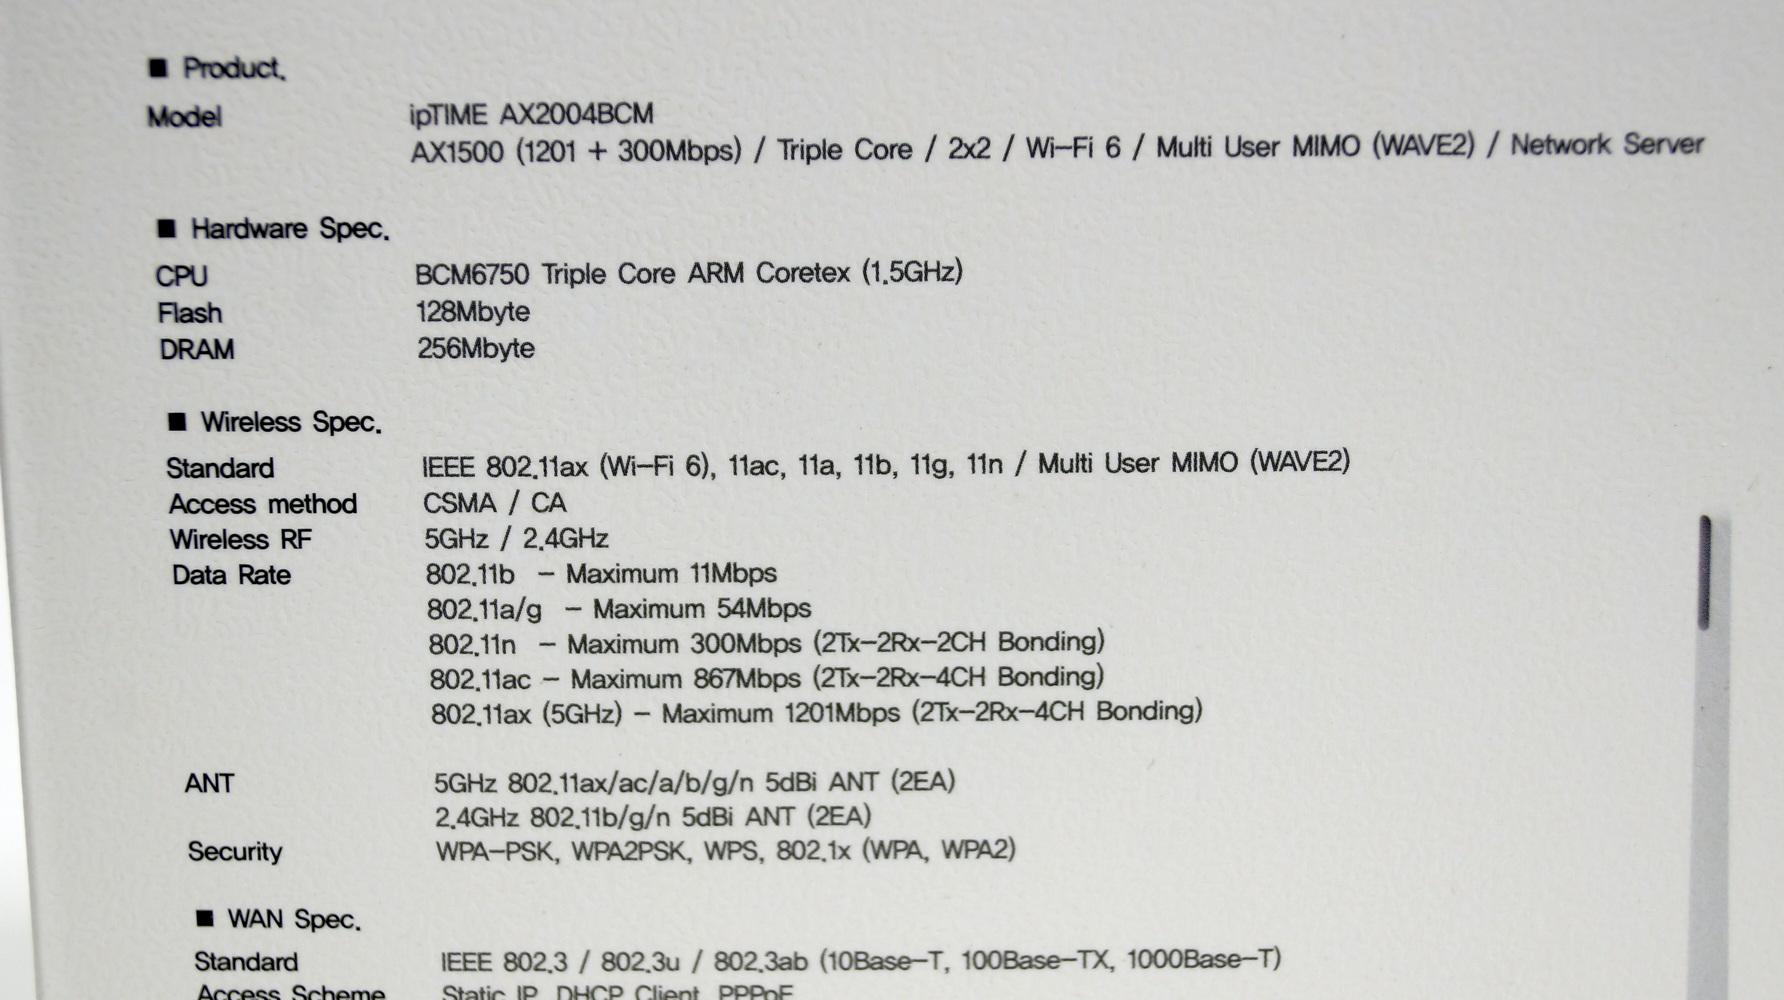 ipTIME AX2004BCM 박스